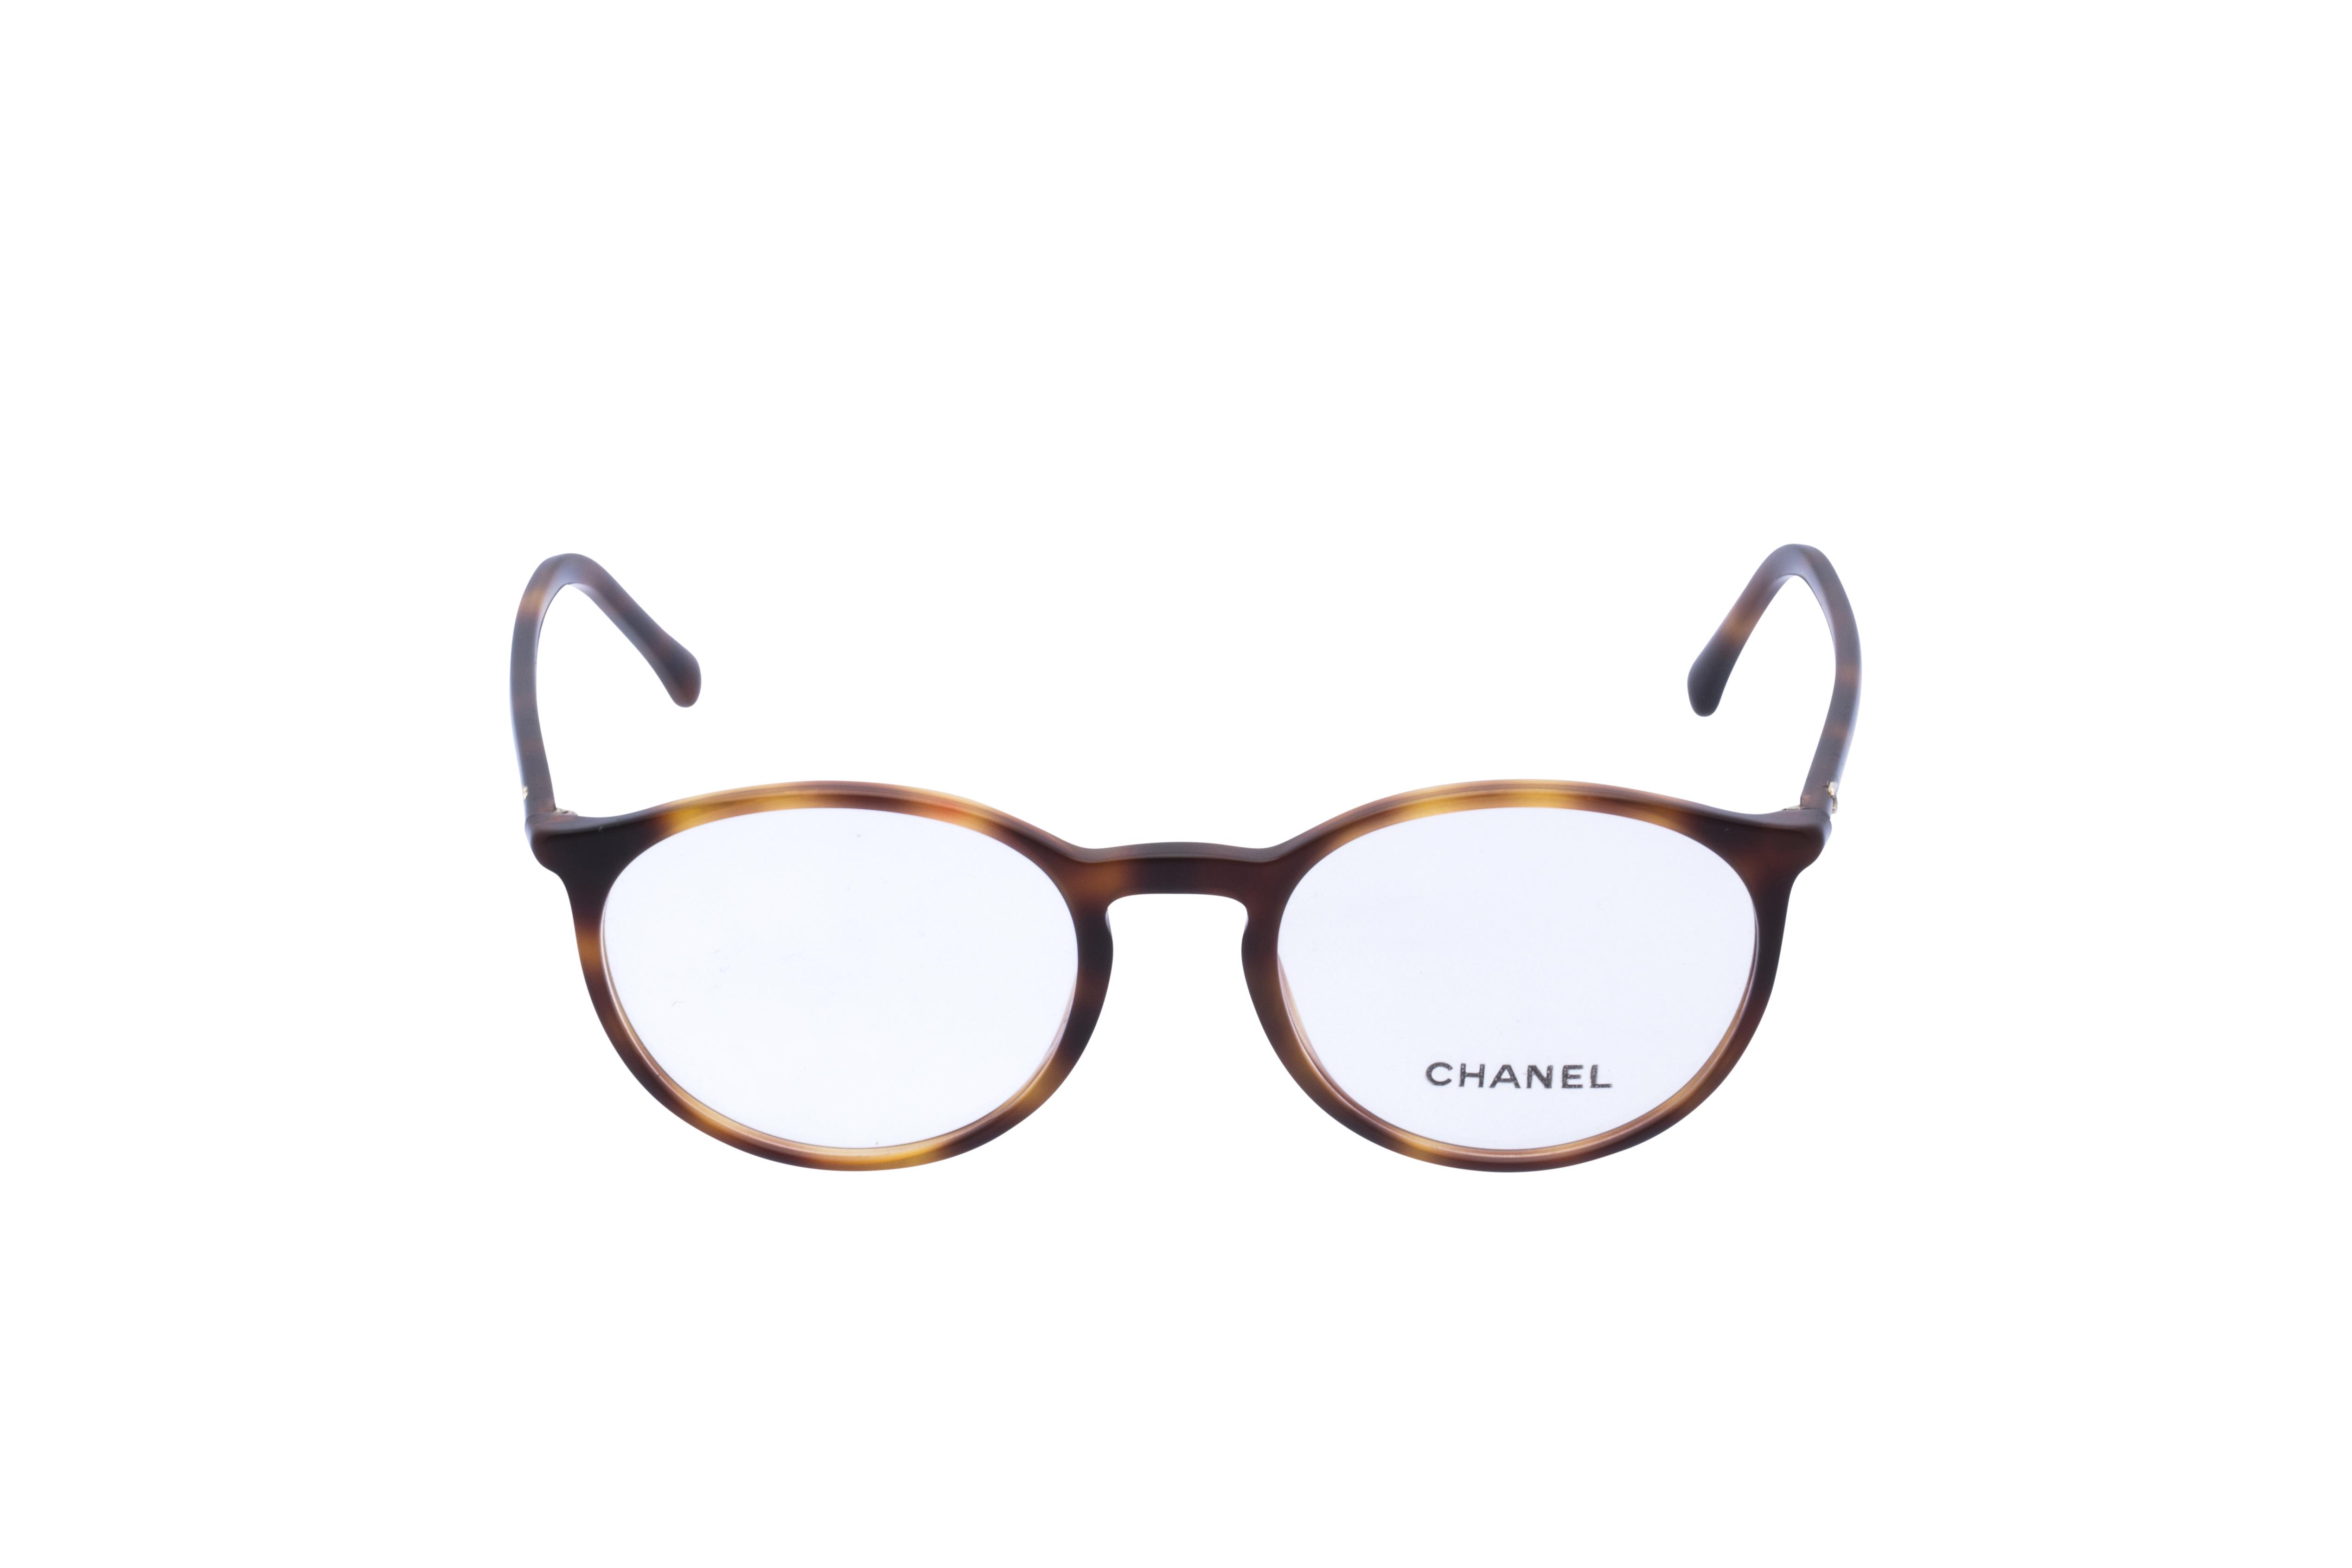 Chanel  3372 Frontansicht, Brille auf Weiß